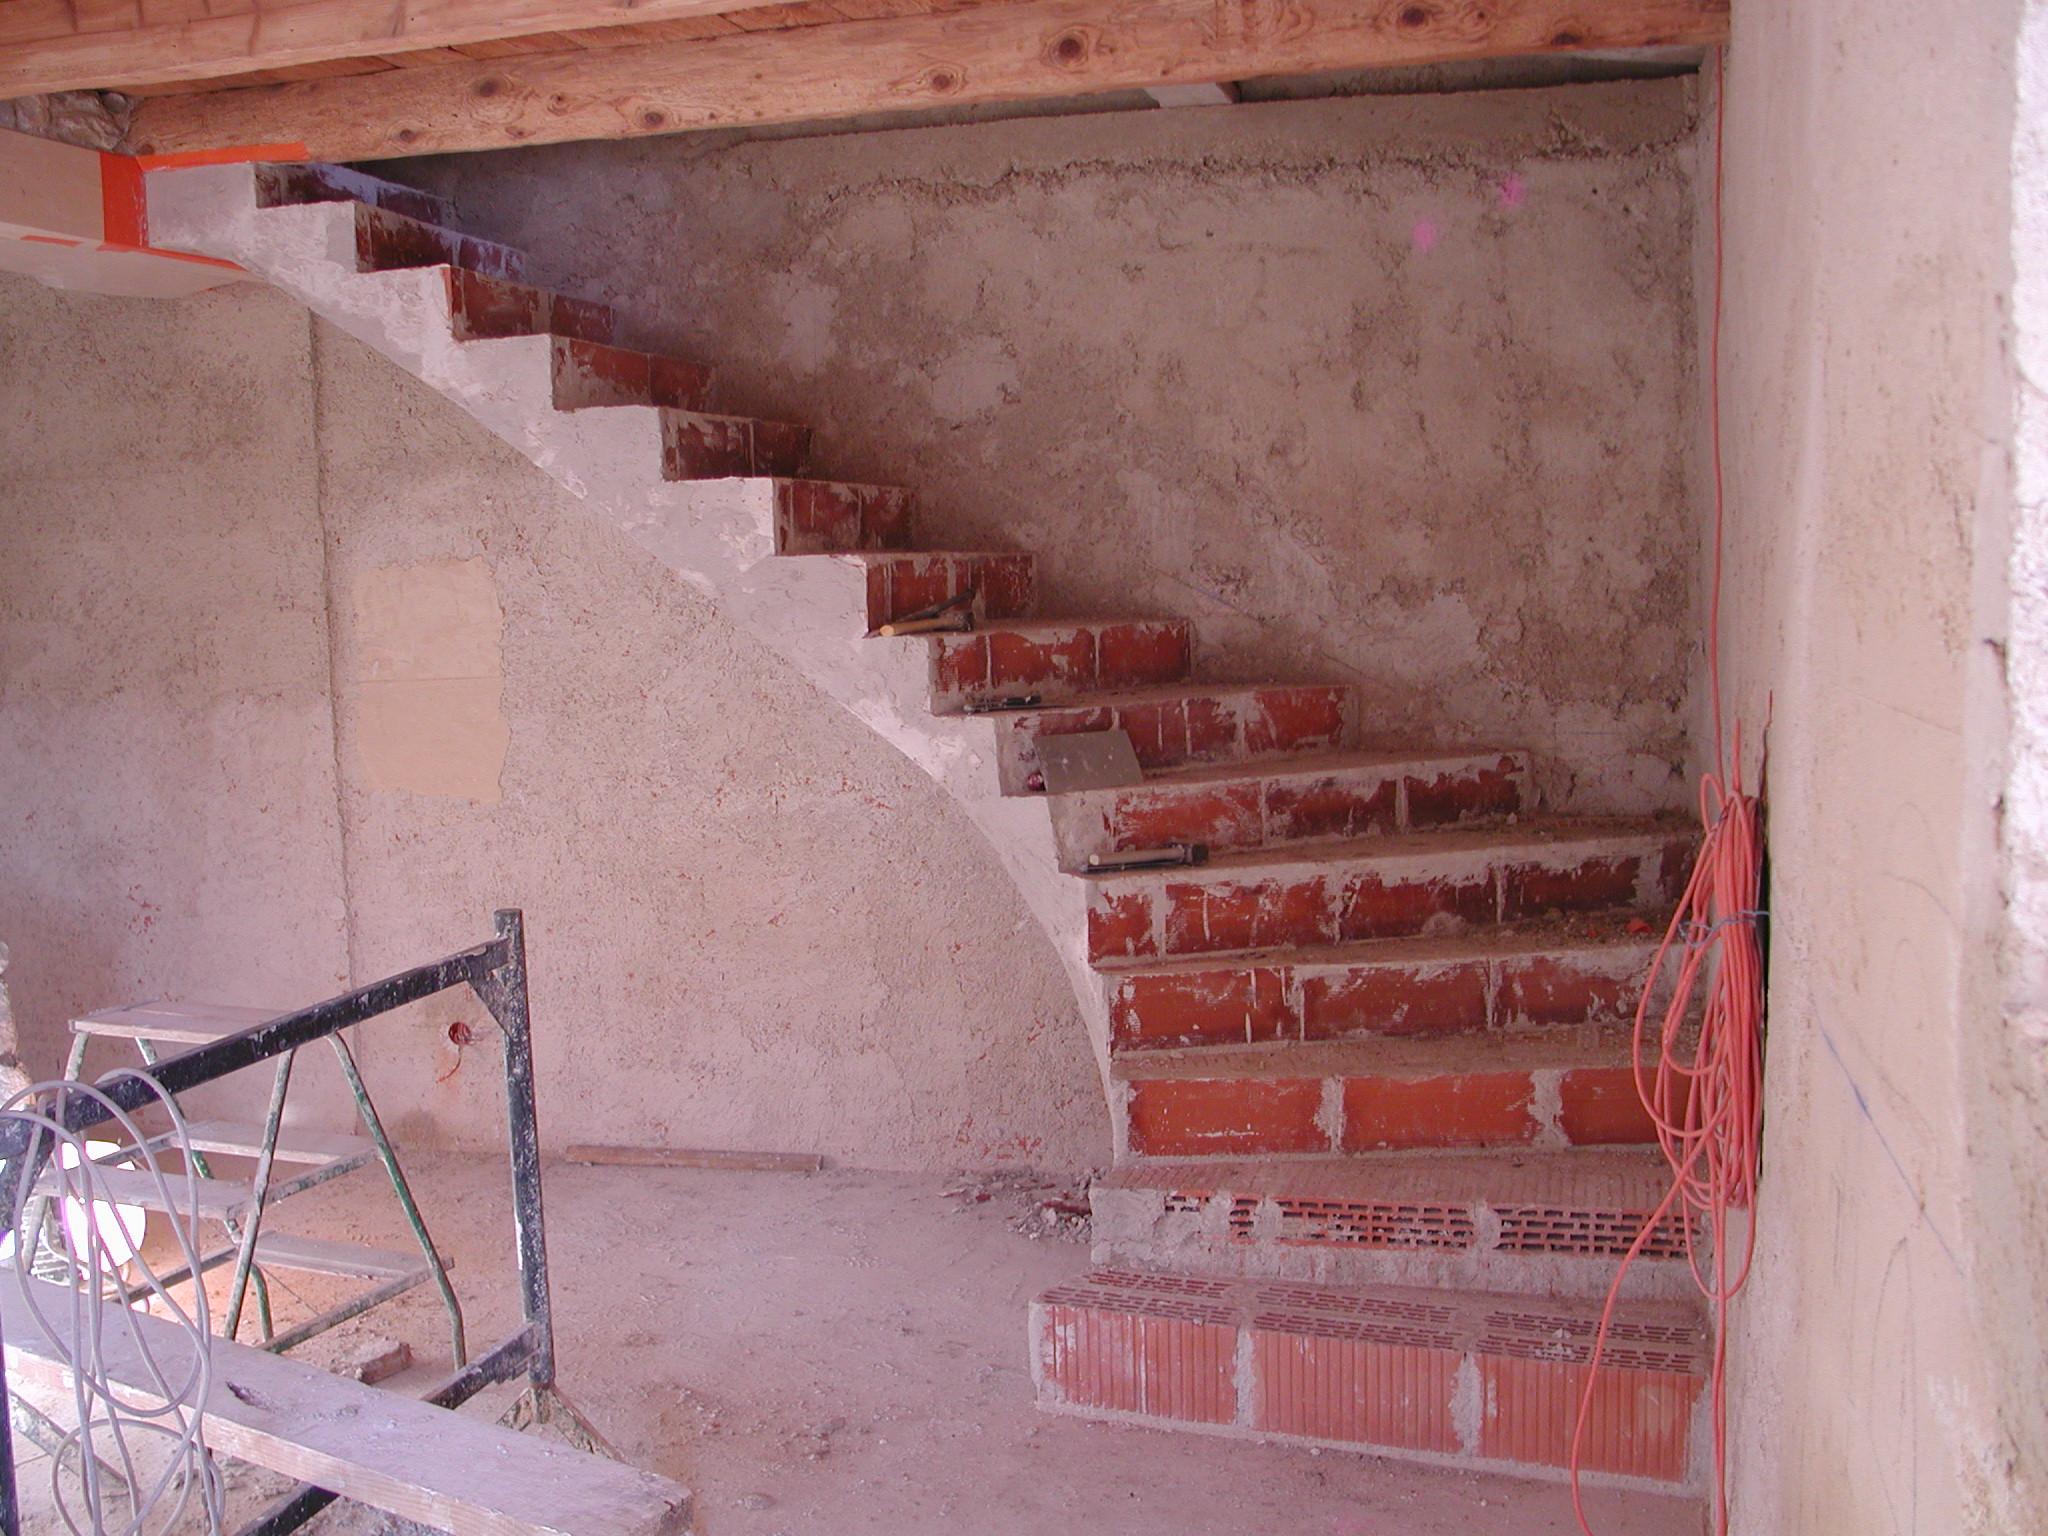 escalier en brique latest decoration escalier interieur peinture decoration escalier interieur. Black Bedroom Furniture Sets. Home Design Ideas